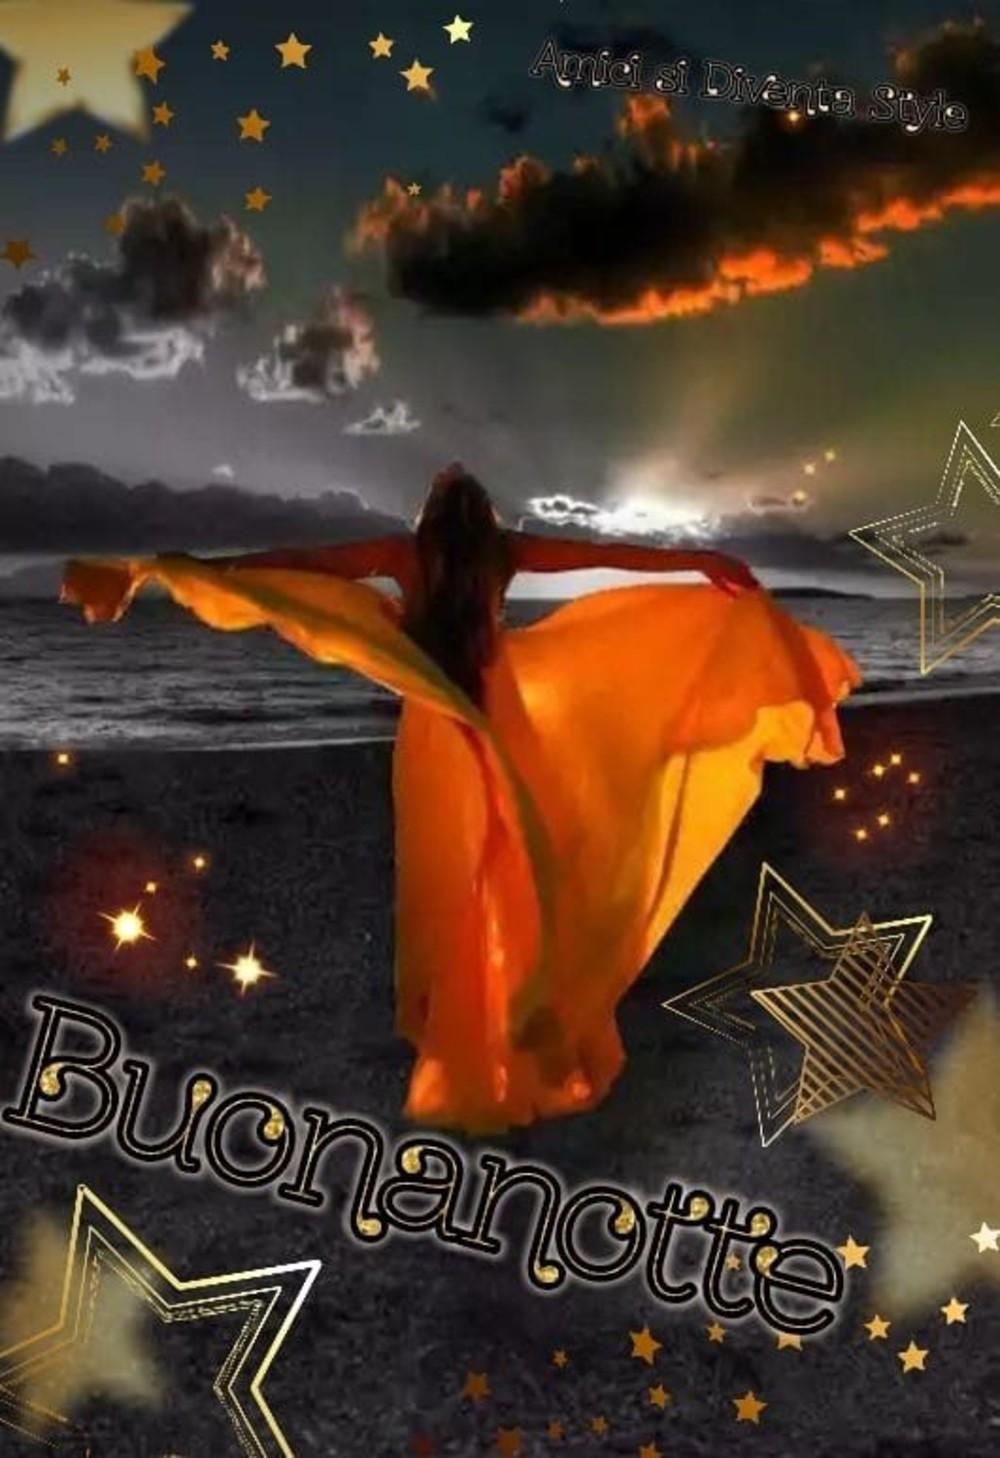 Bellissime Immagini Buonanotte Archives Pagina 5 Di 14